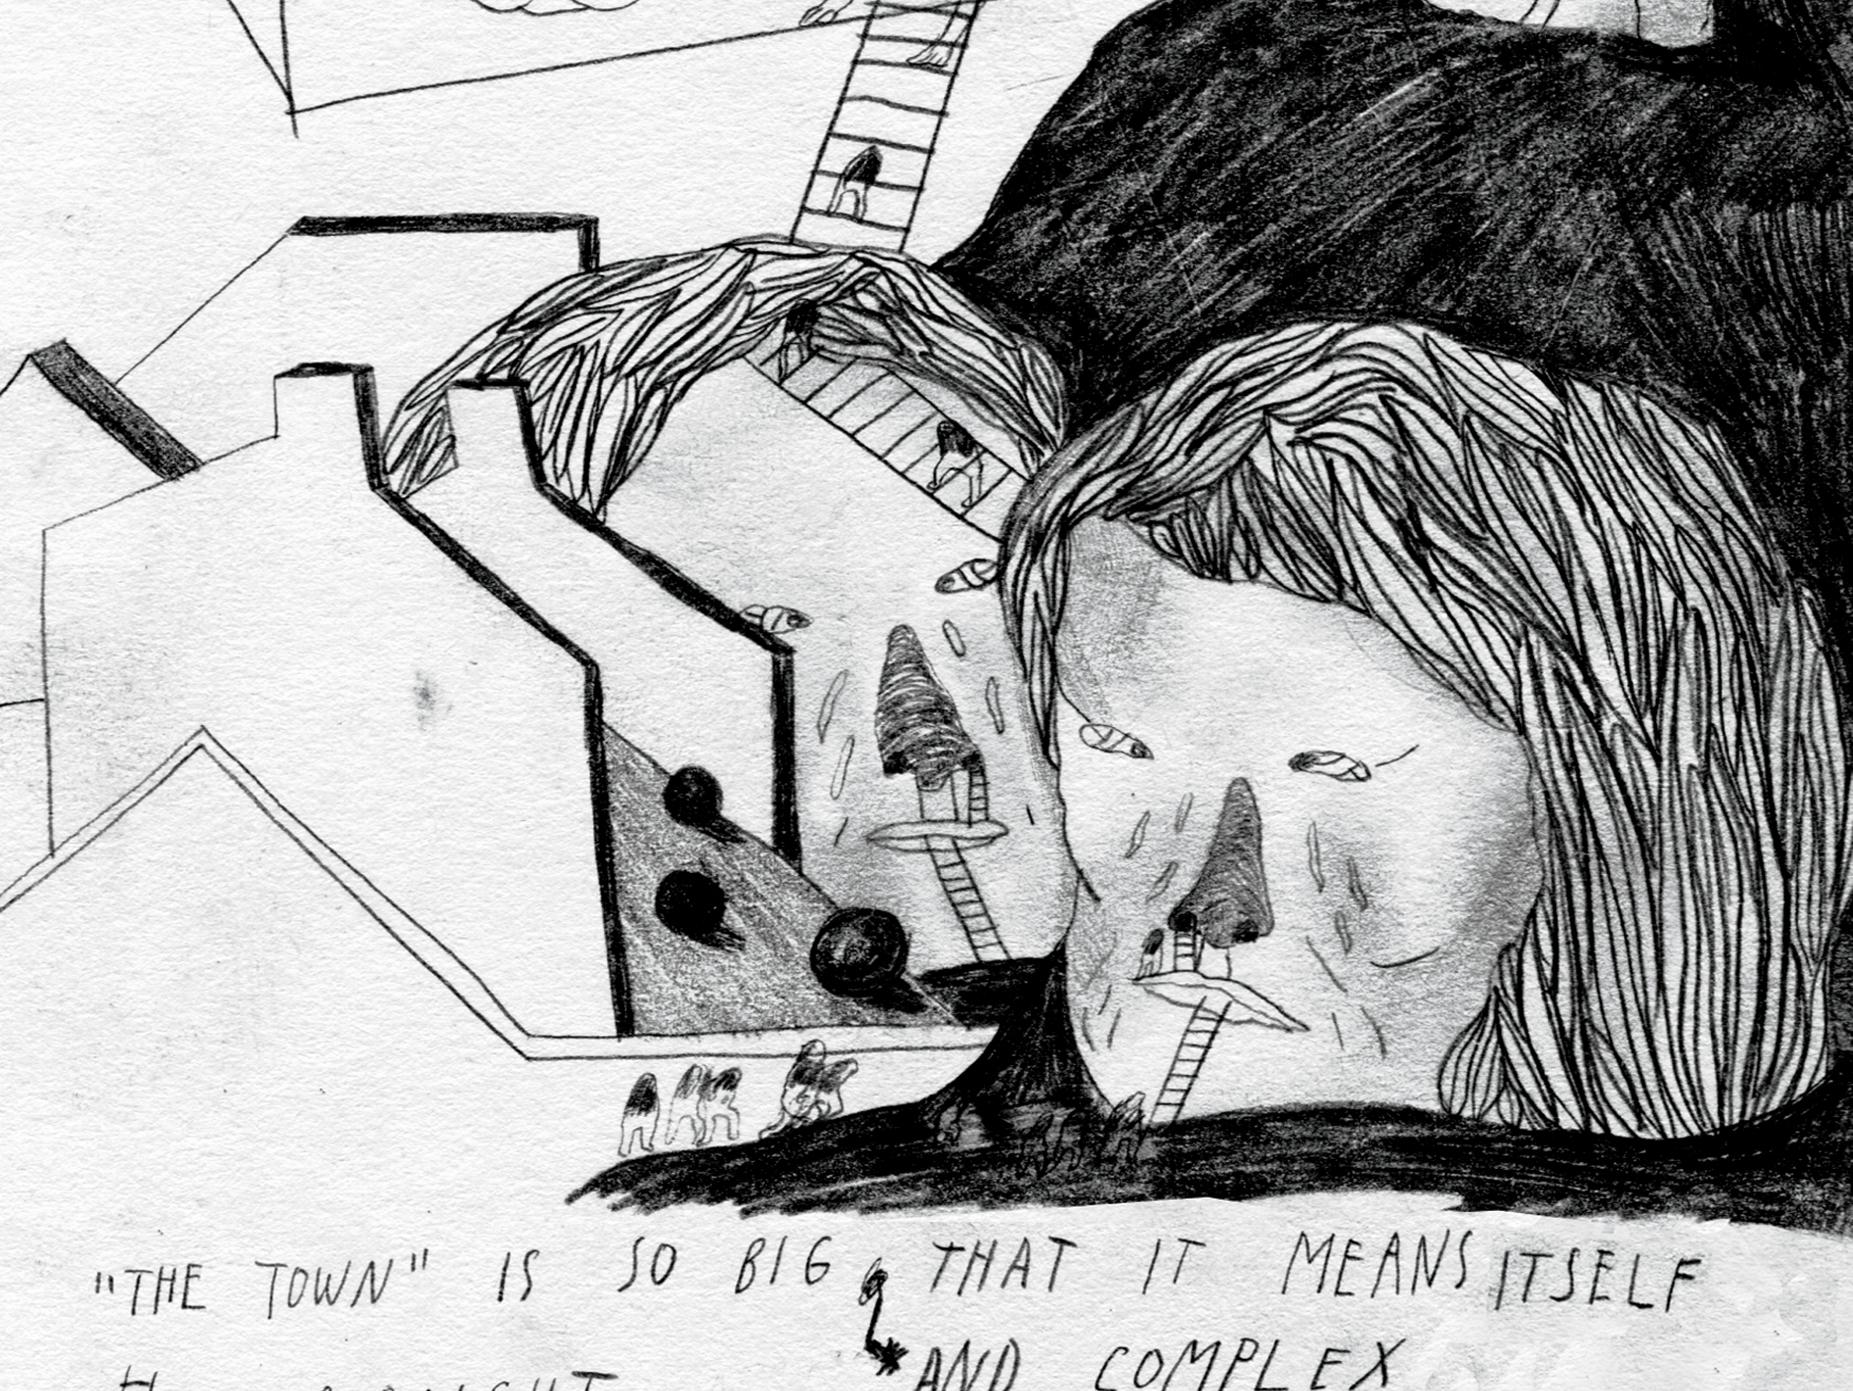 https://komikaze.hr/wp-content/uploads/2017/08/012-Sofia-Serebriakova.jpg